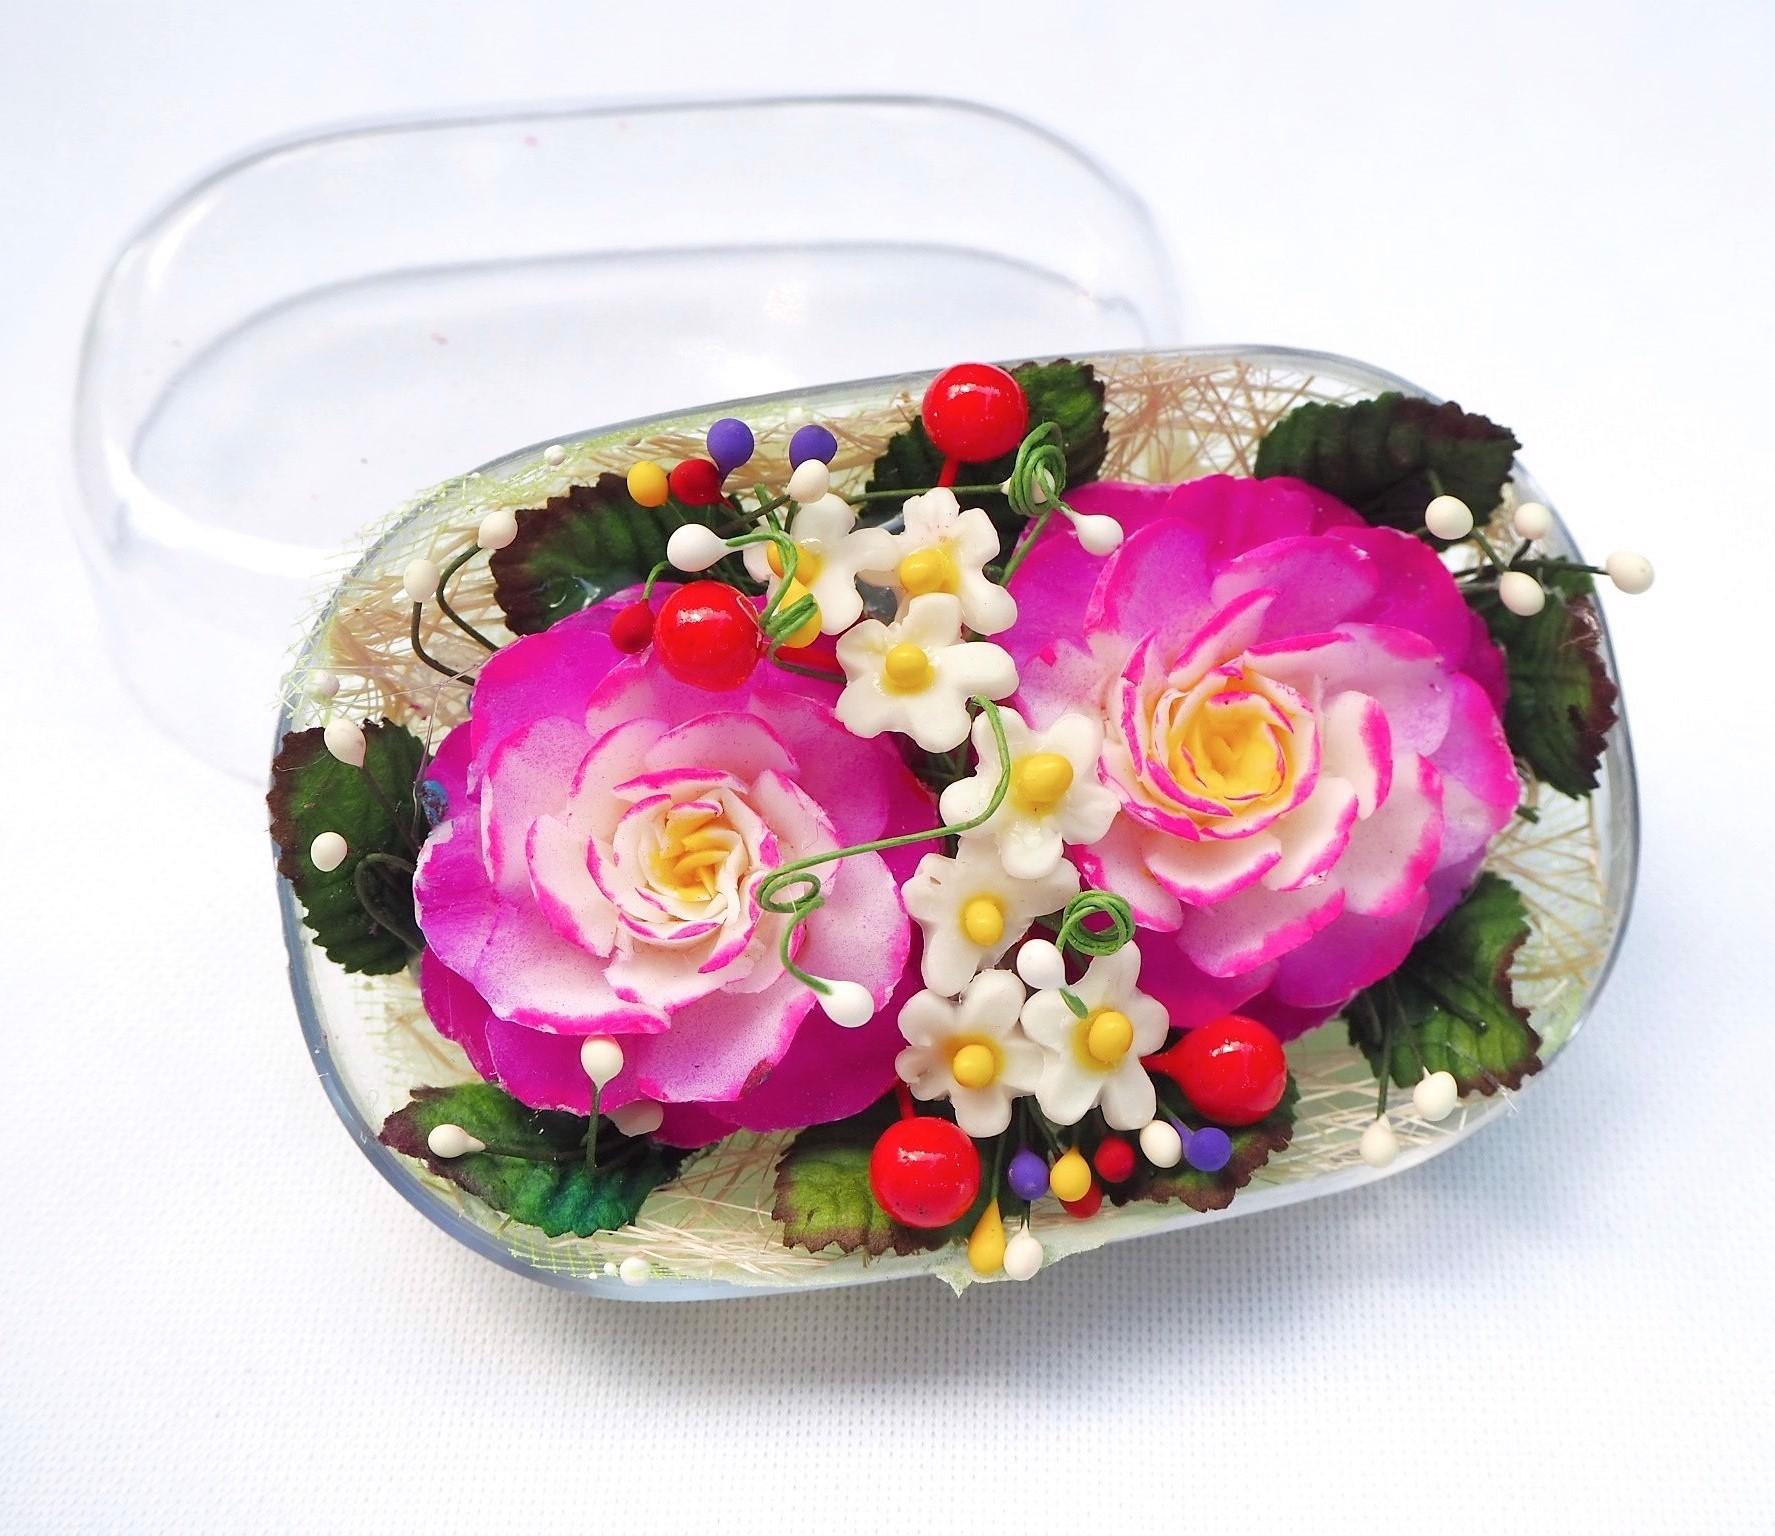 Image de Fleur festive violet sculptées à la main dans une barre de savon